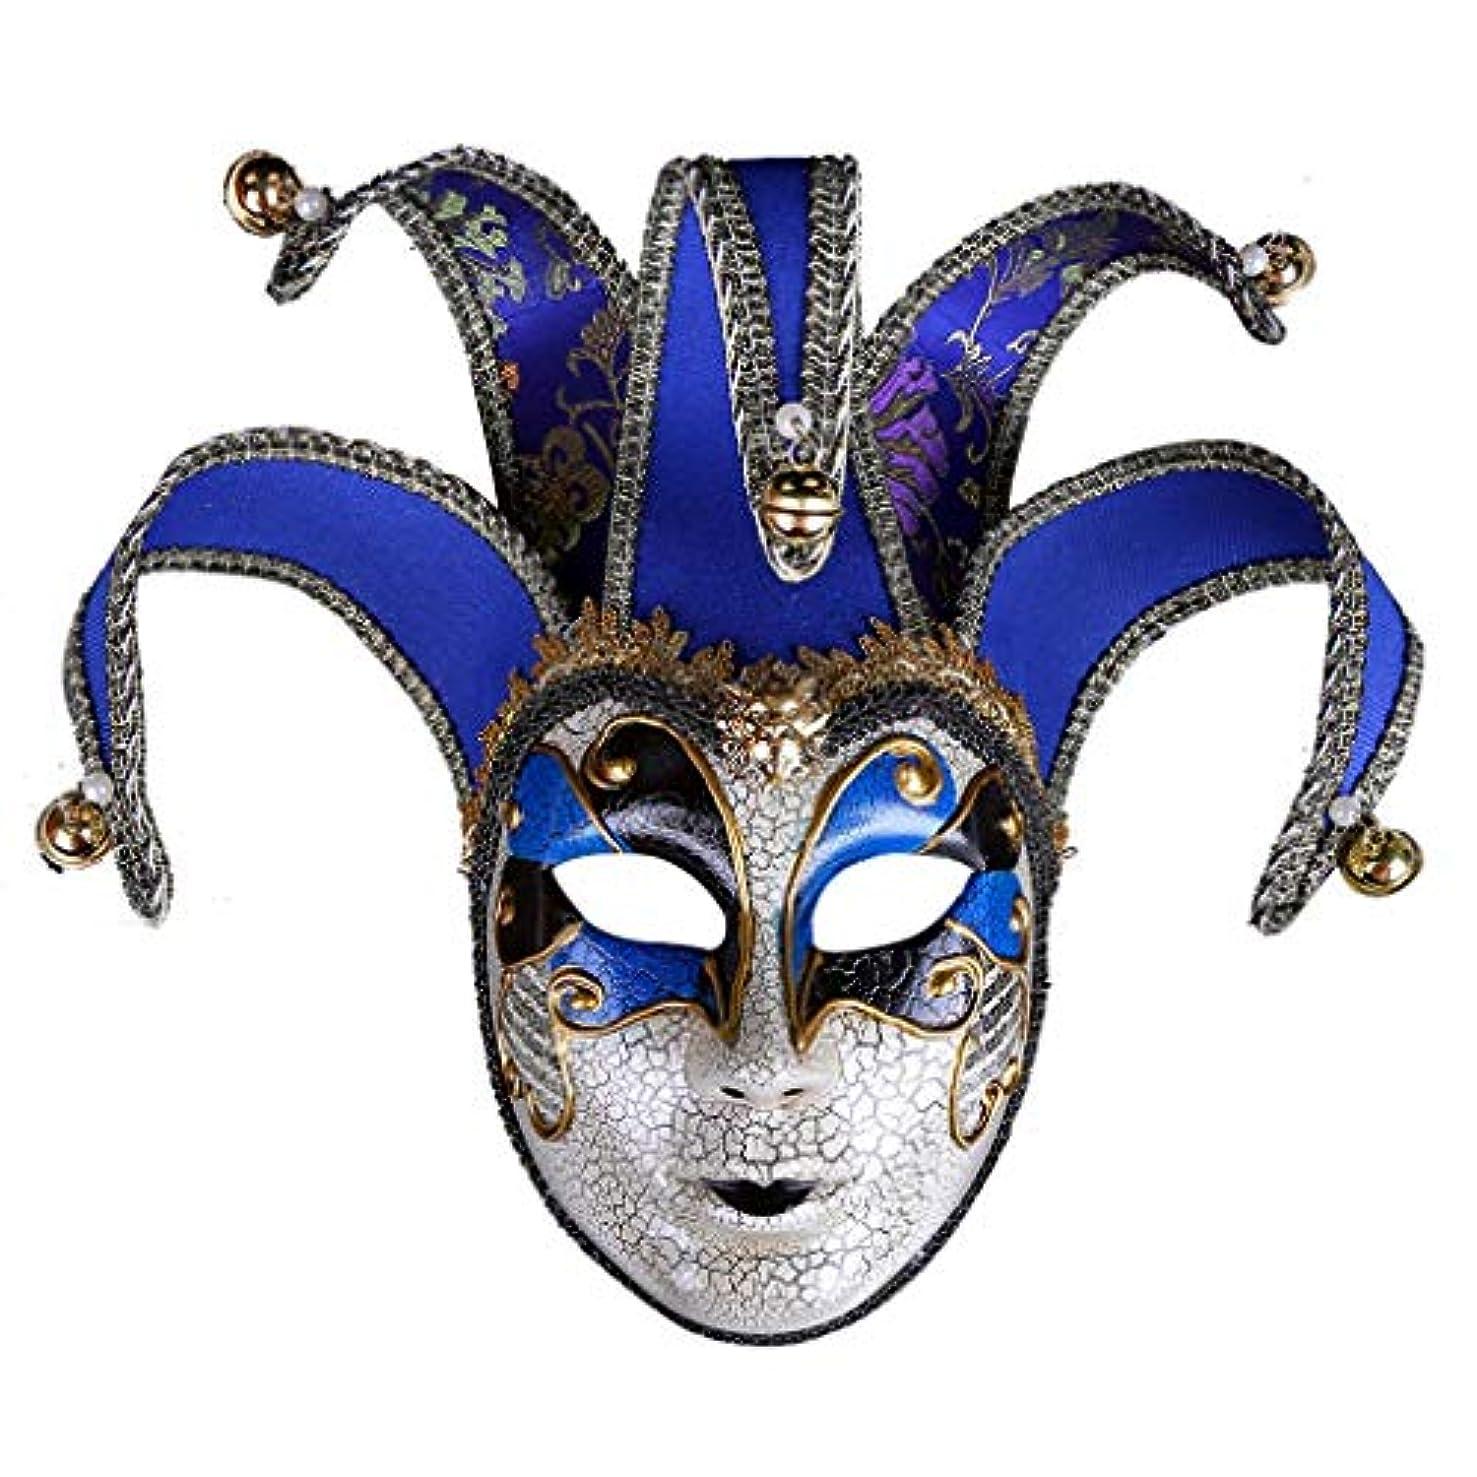 ペンフレンド熟した流暢ハロウィンマスクヴィンテージマスク女性のアダルトマスクヴェネツィアフェスティバルプロップフェイスデコレーション仮装クリエイティブマスク (Color : BLUE)